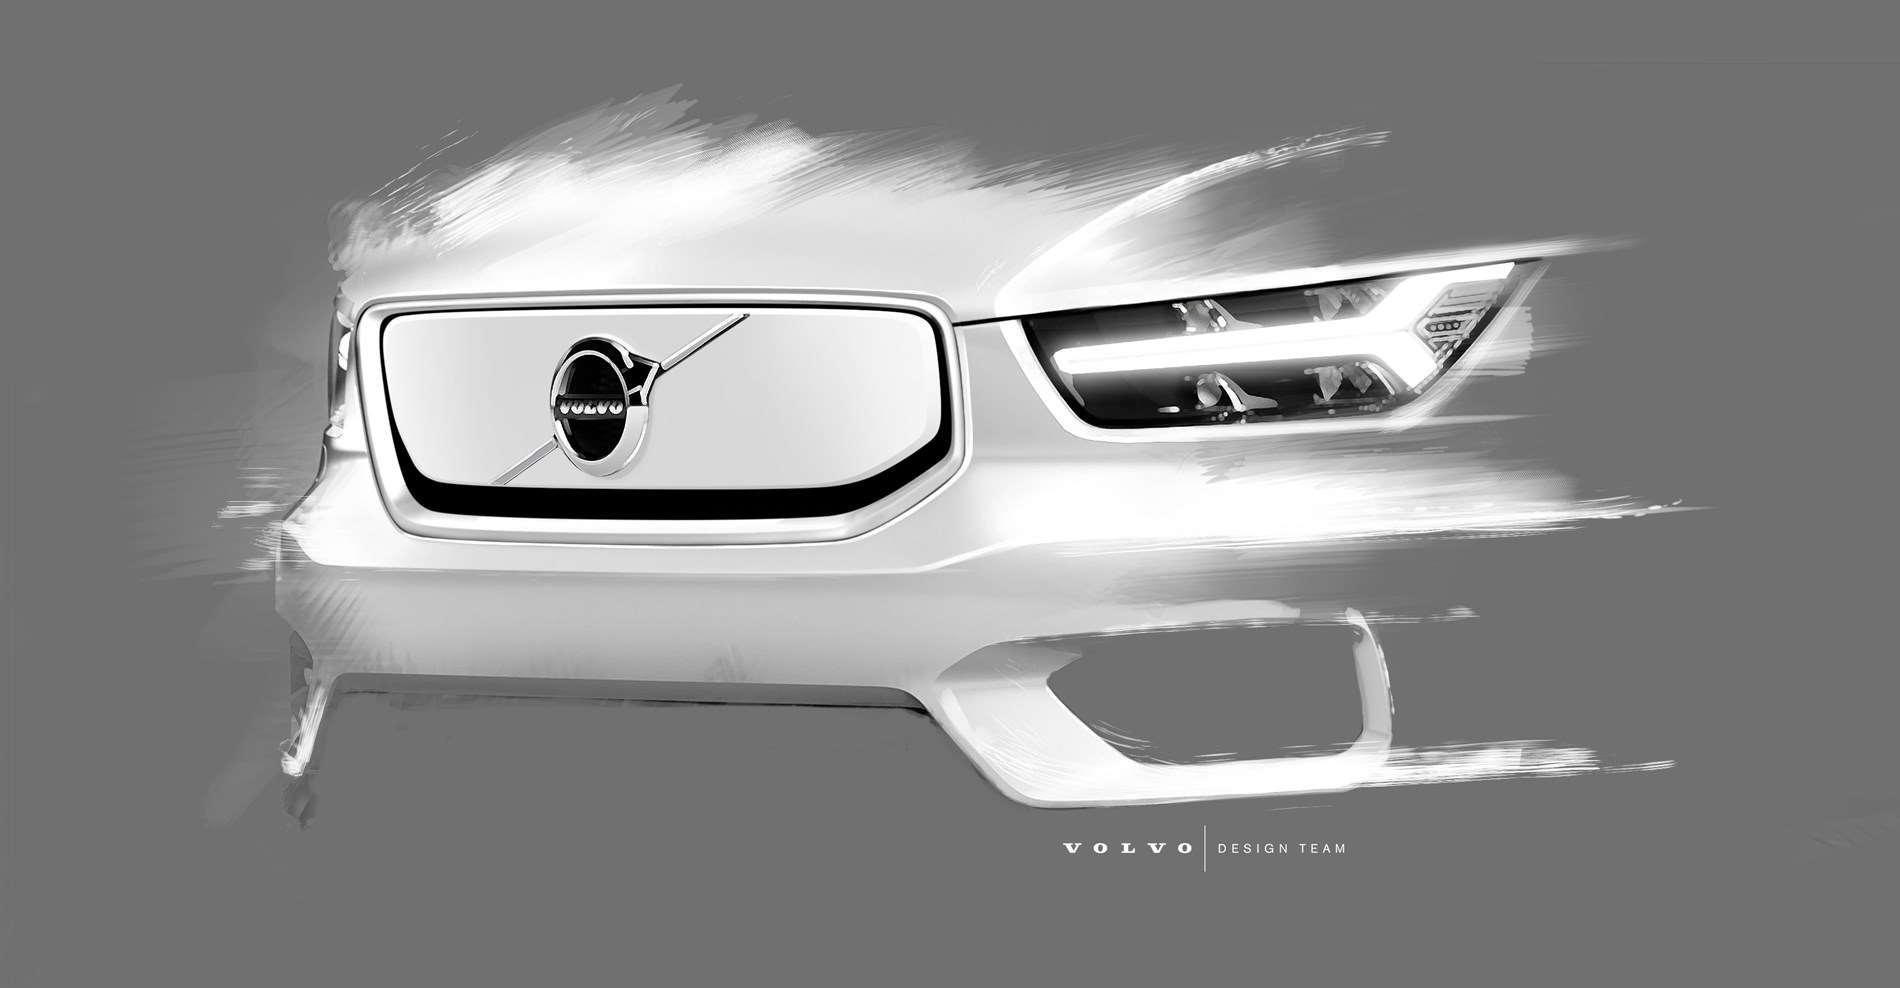 De volledig elektrische Volvo-SUV XC40 doet meer met minder en luidt een nieuwe elektrische toekomst in